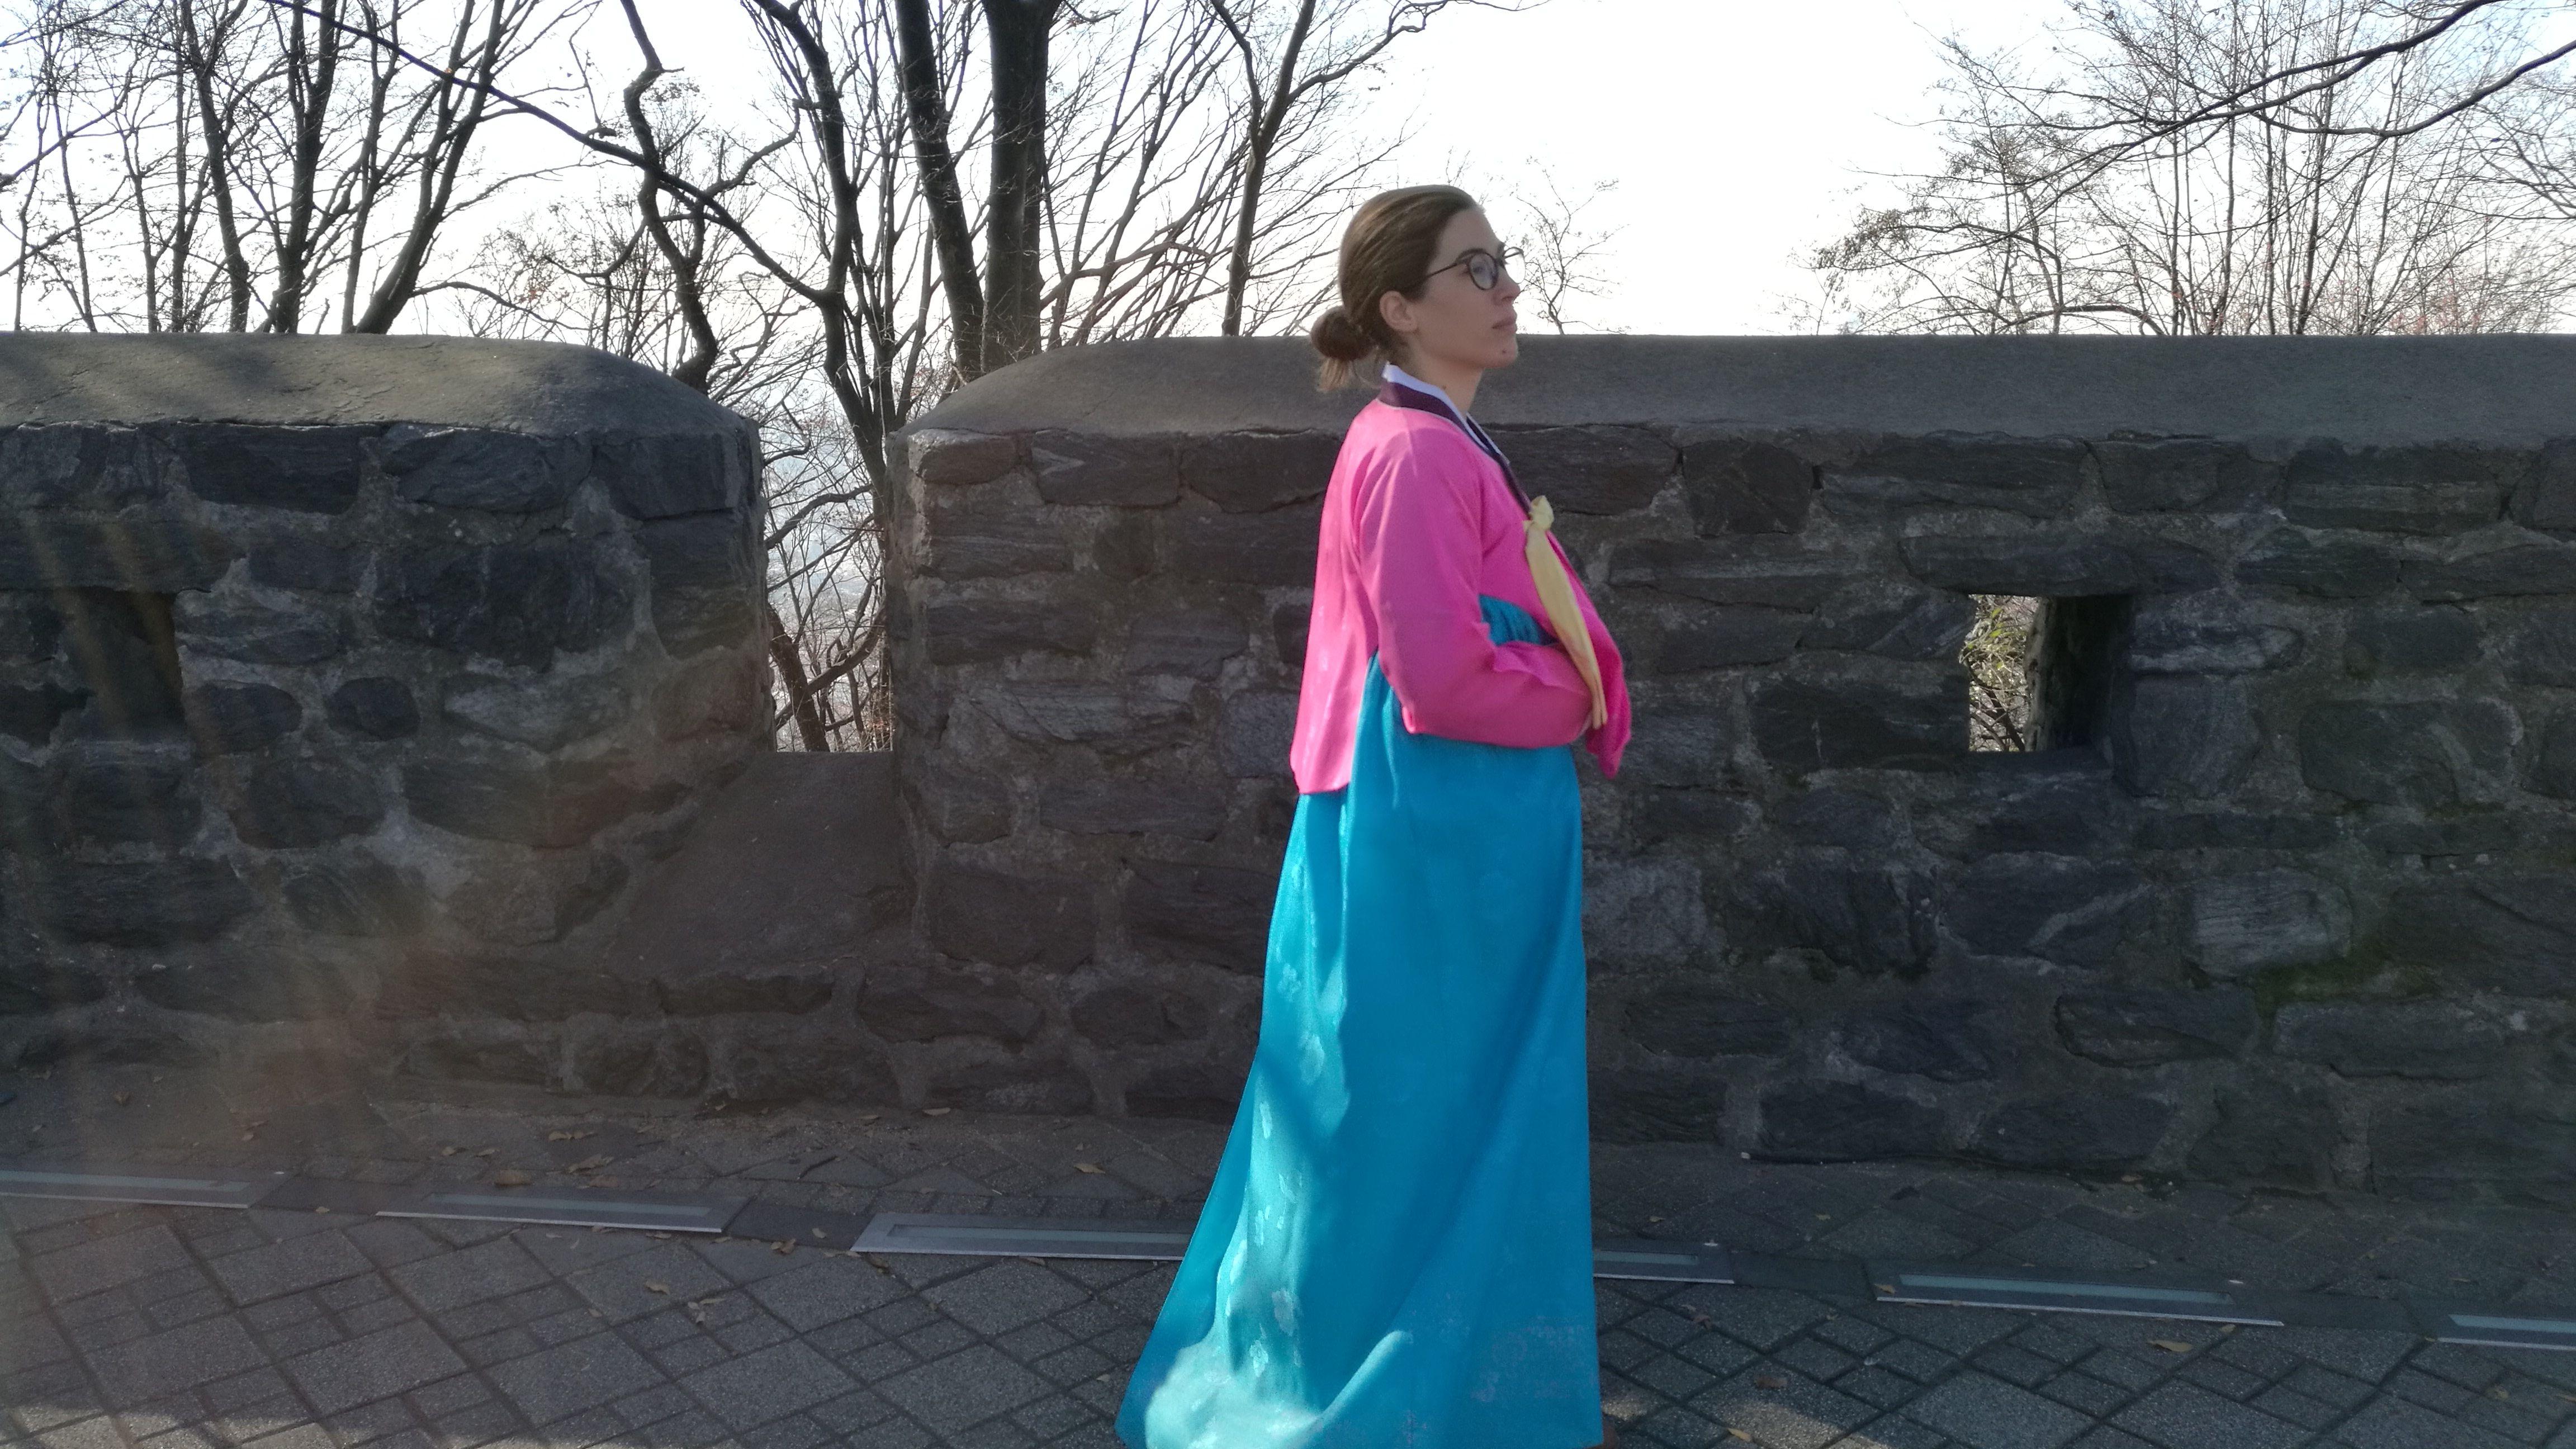 Vestido tradicional coreano: Hanbok. Visitando la N S Tower ofrecían probártelo totalmente gratuito